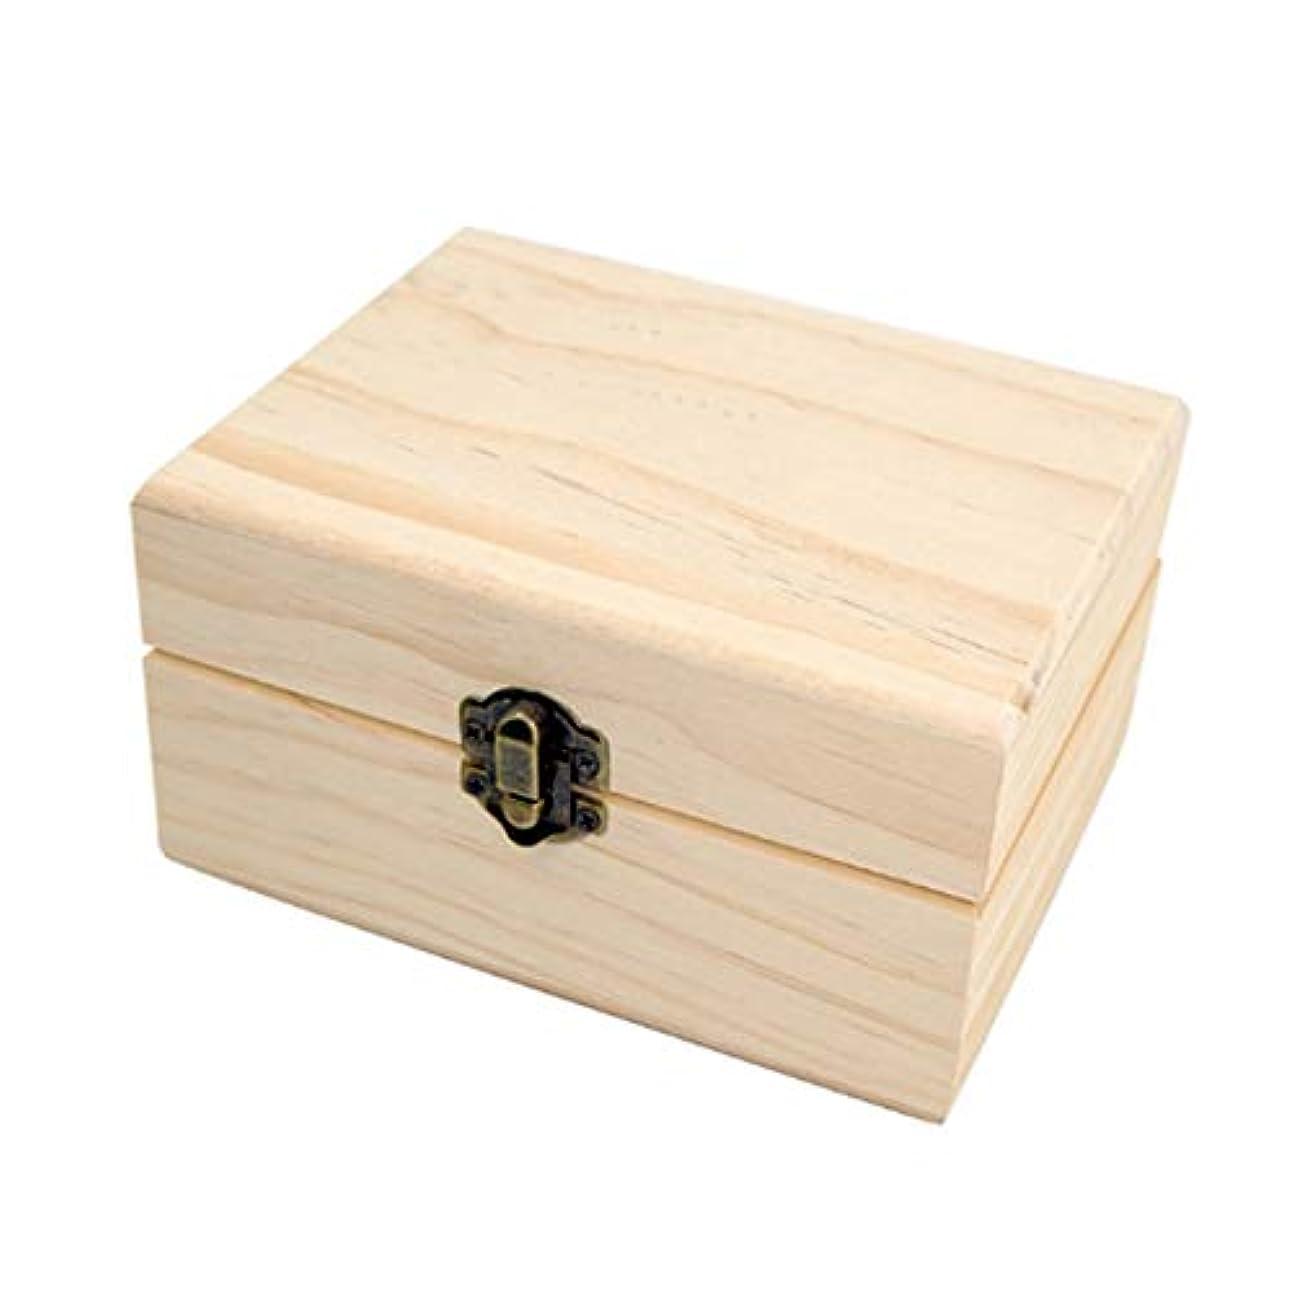 はいカップバルブフェリモア エッセンシャルオイル 収納ボックス ボトル用 松 木製 格子状 倒れにくい 12マス (ブラウン)